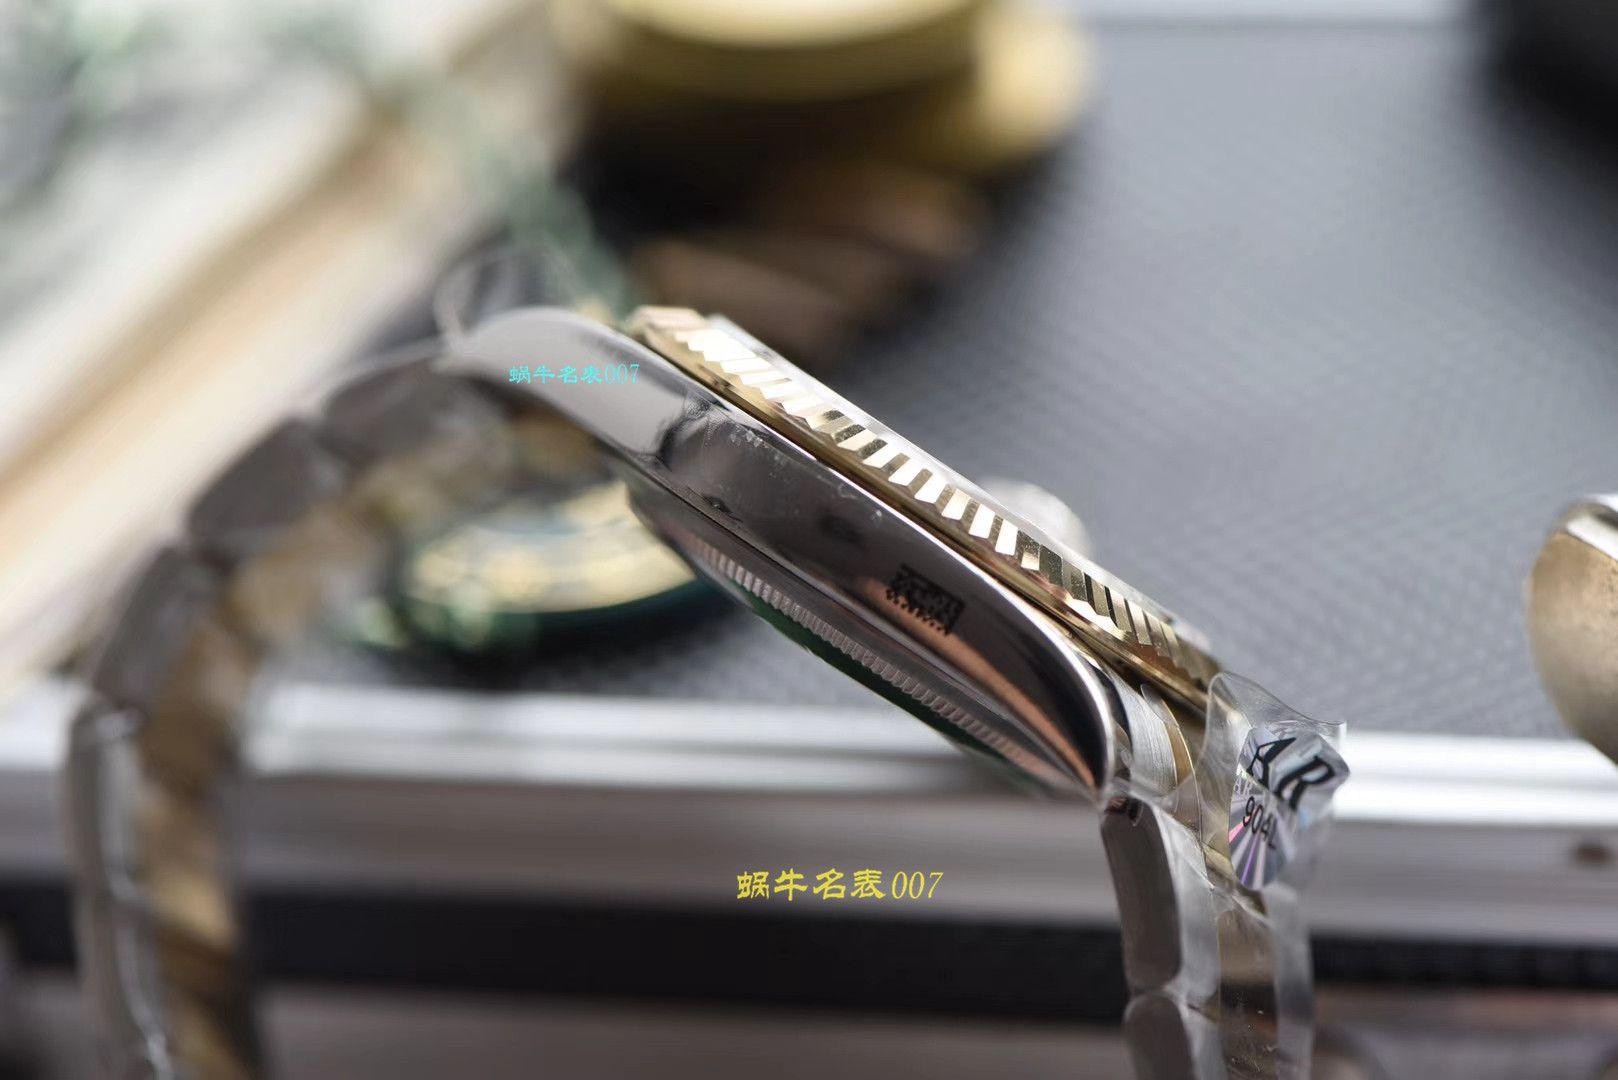 【视频评测AR厂官网劳力士41毫米间金日志】劳力士日志型系列116333-72213 G香槟盘镶钻腕表 / R321